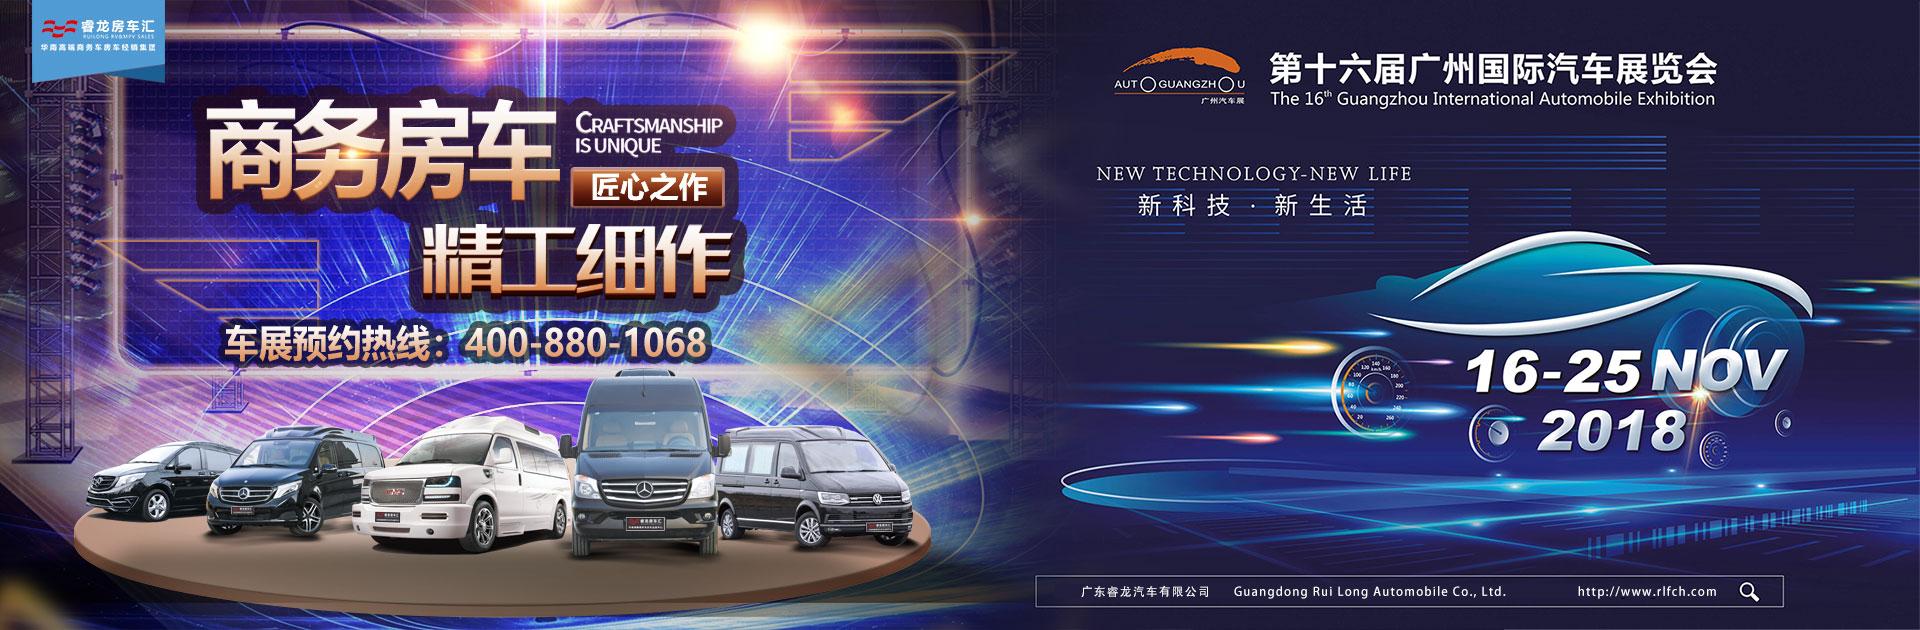 2018广州国际车展行情资讯